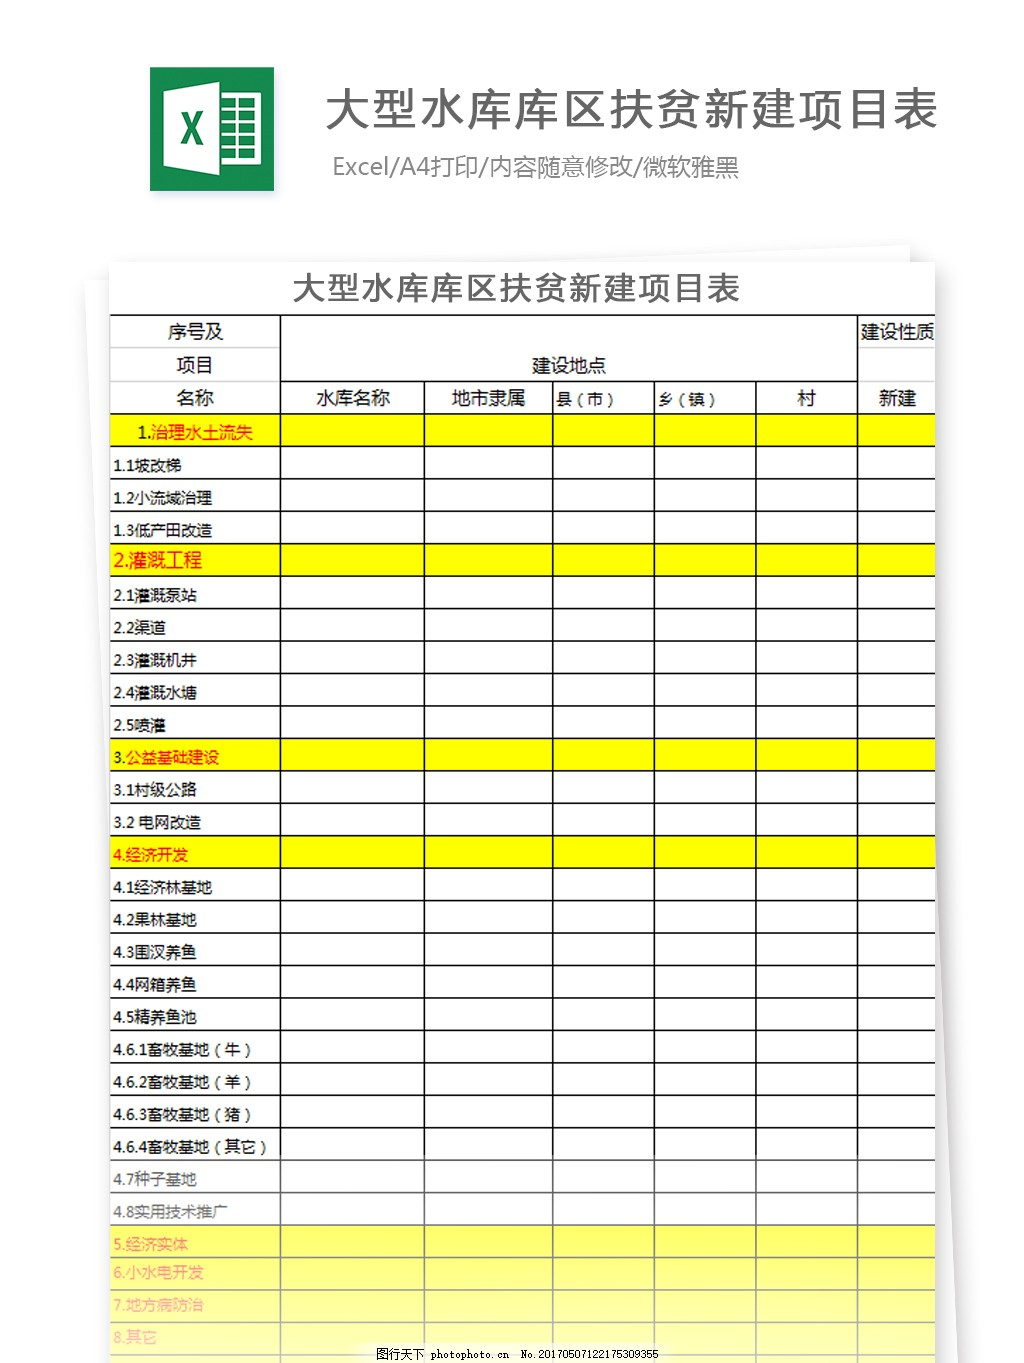 excel模板 文档 表格 表格模板 自动变换 表格设计 大型水库库区 扶贫